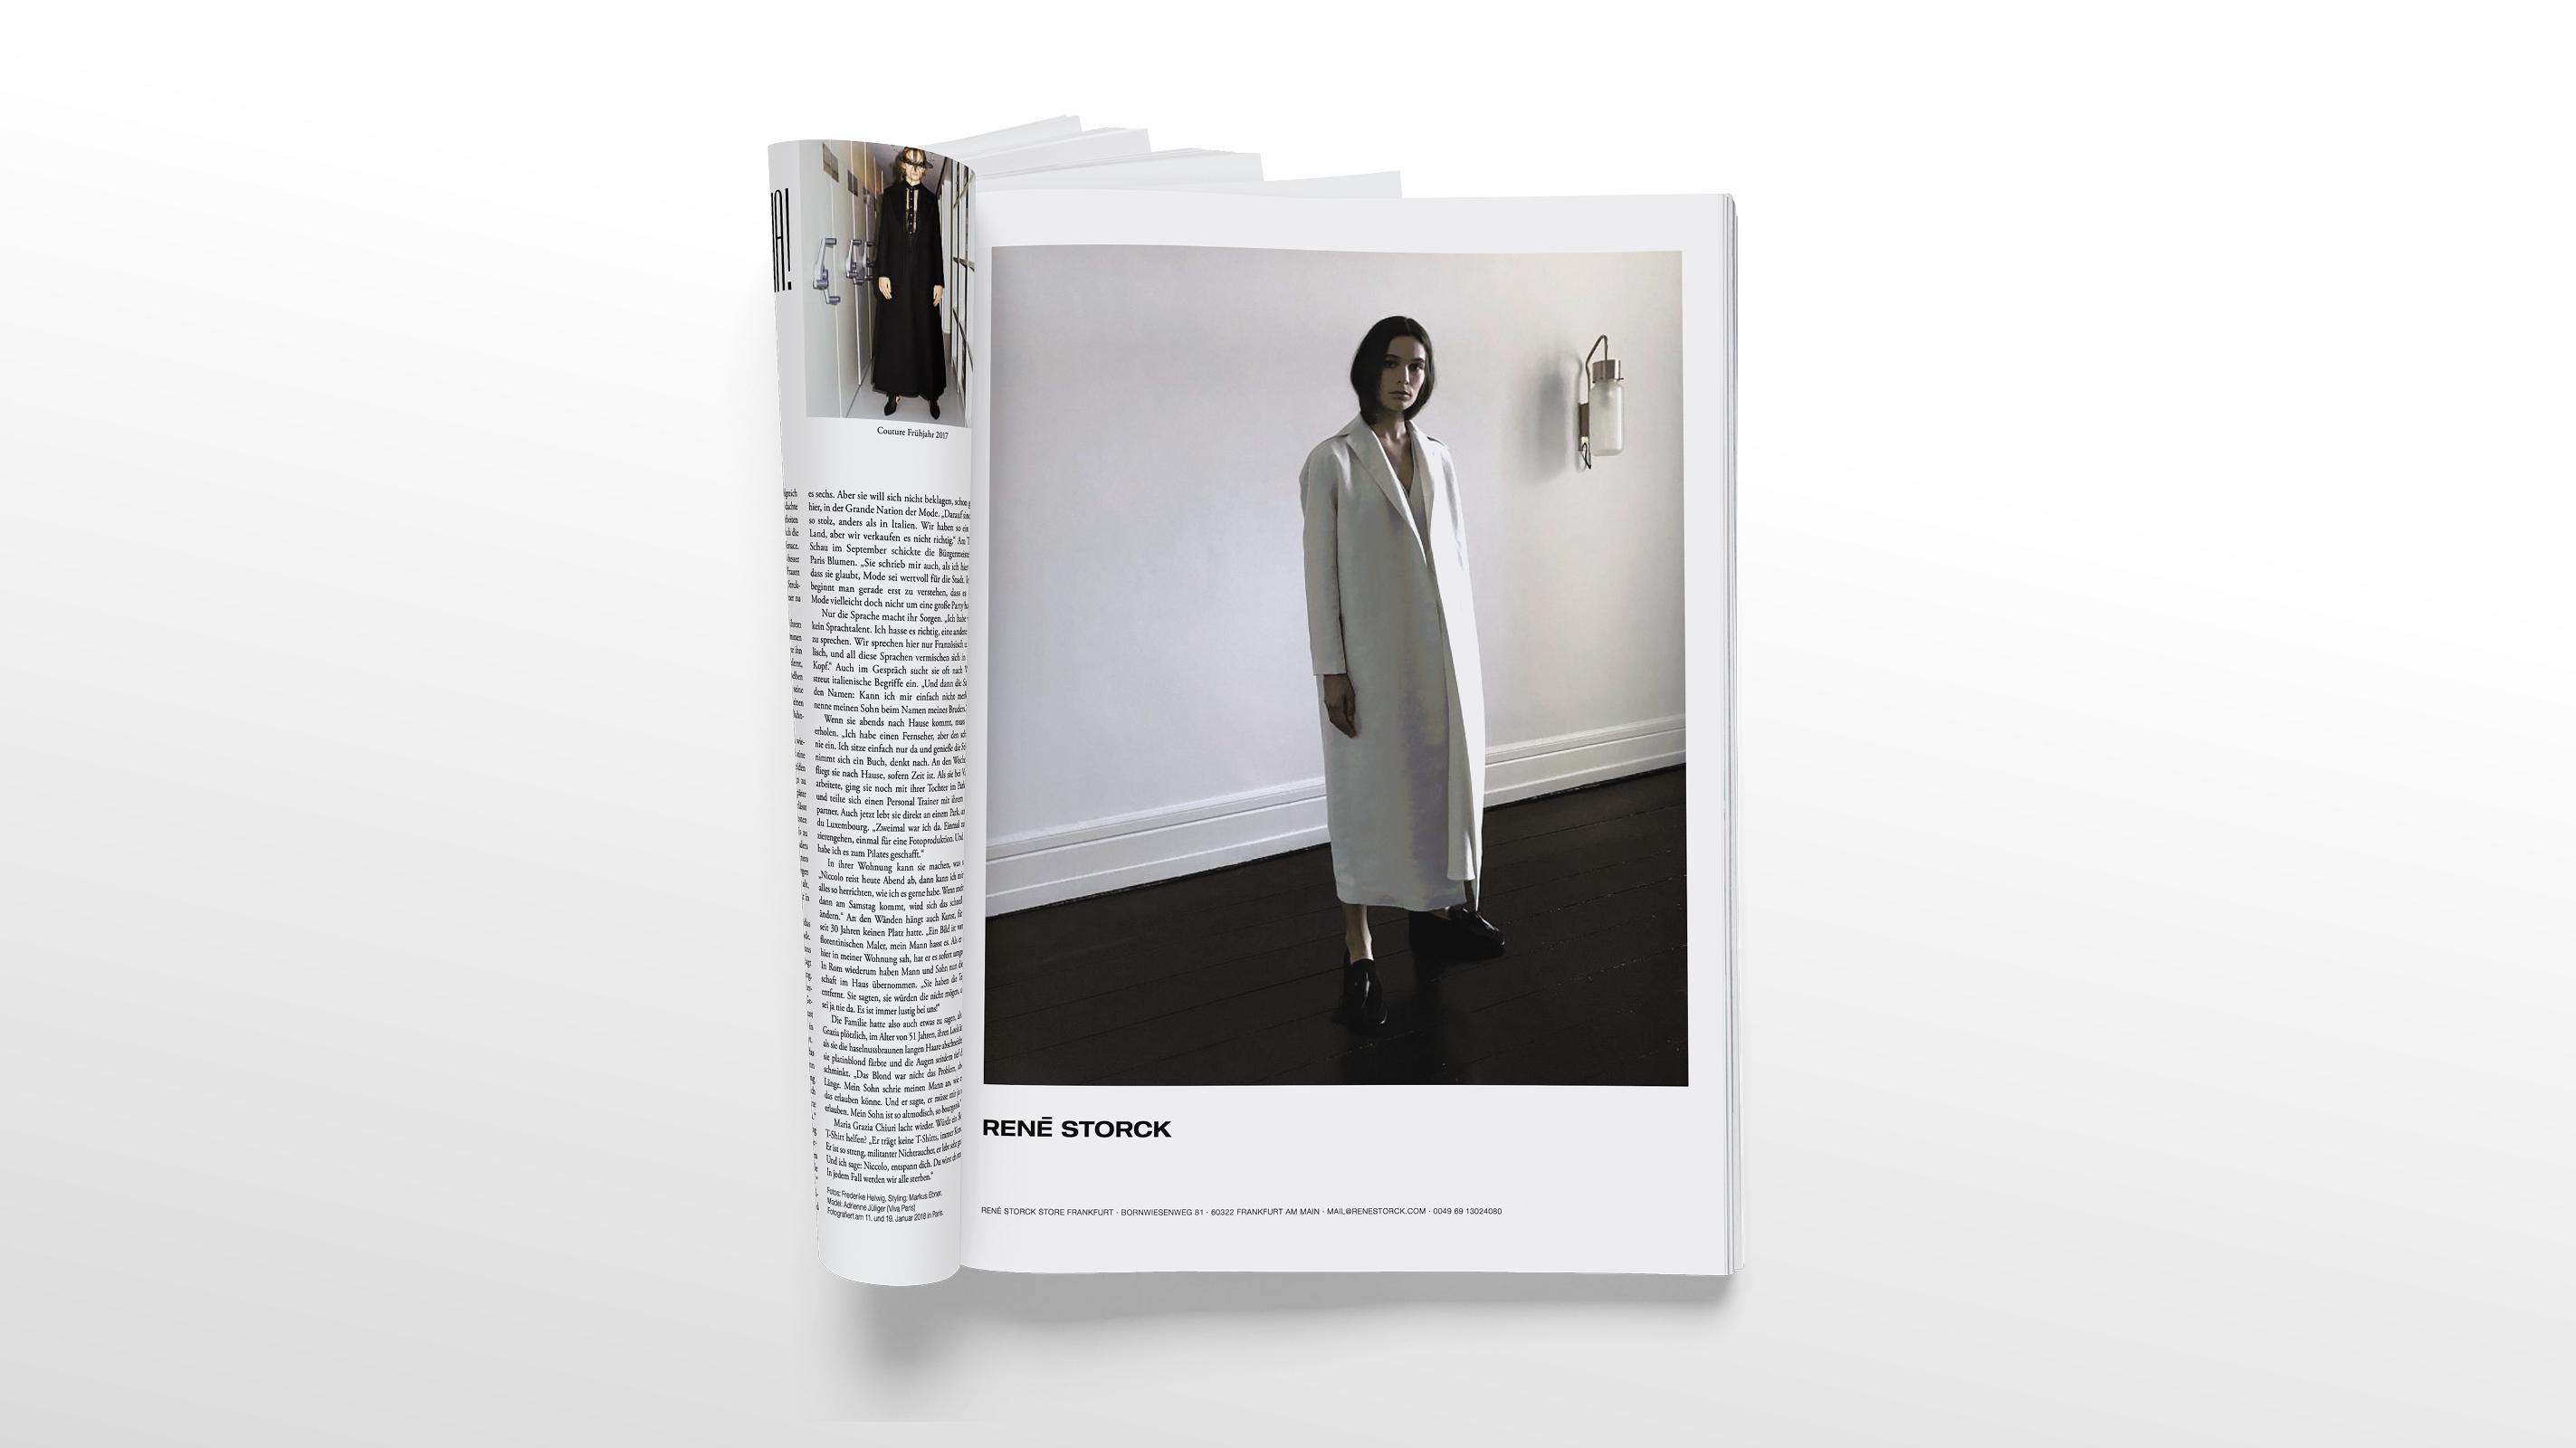 Rene Storck – Poarangan Brand Design2